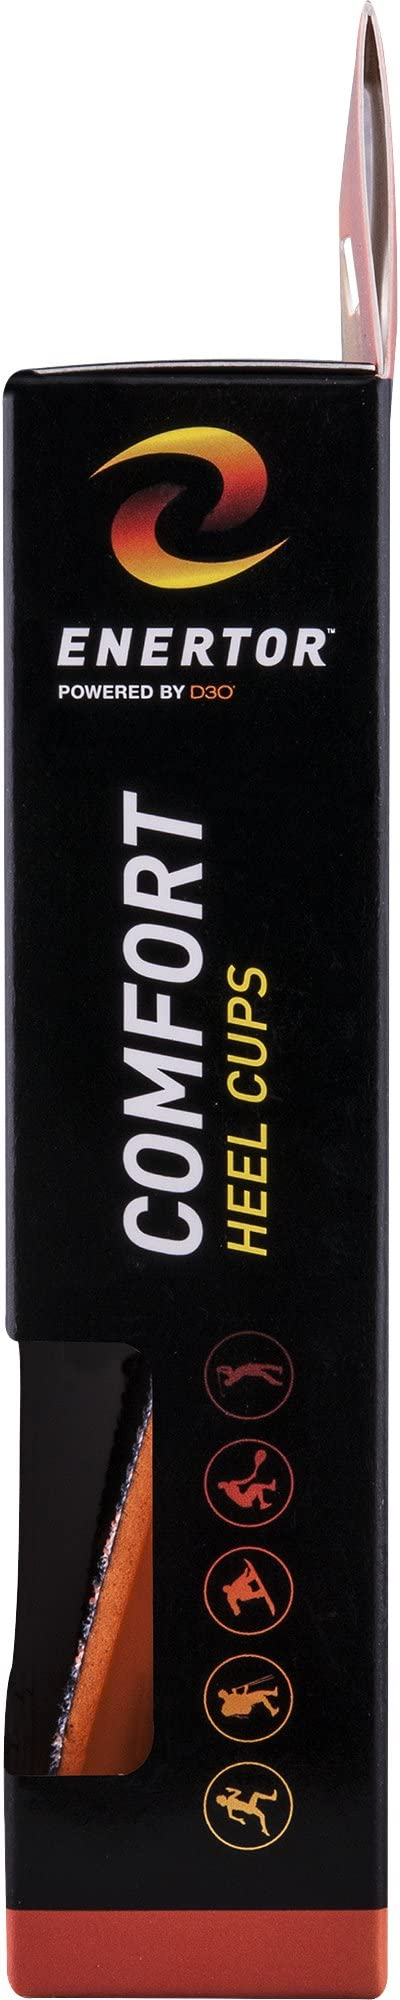 ENERTOR - Comfort Insole - Heel Cup